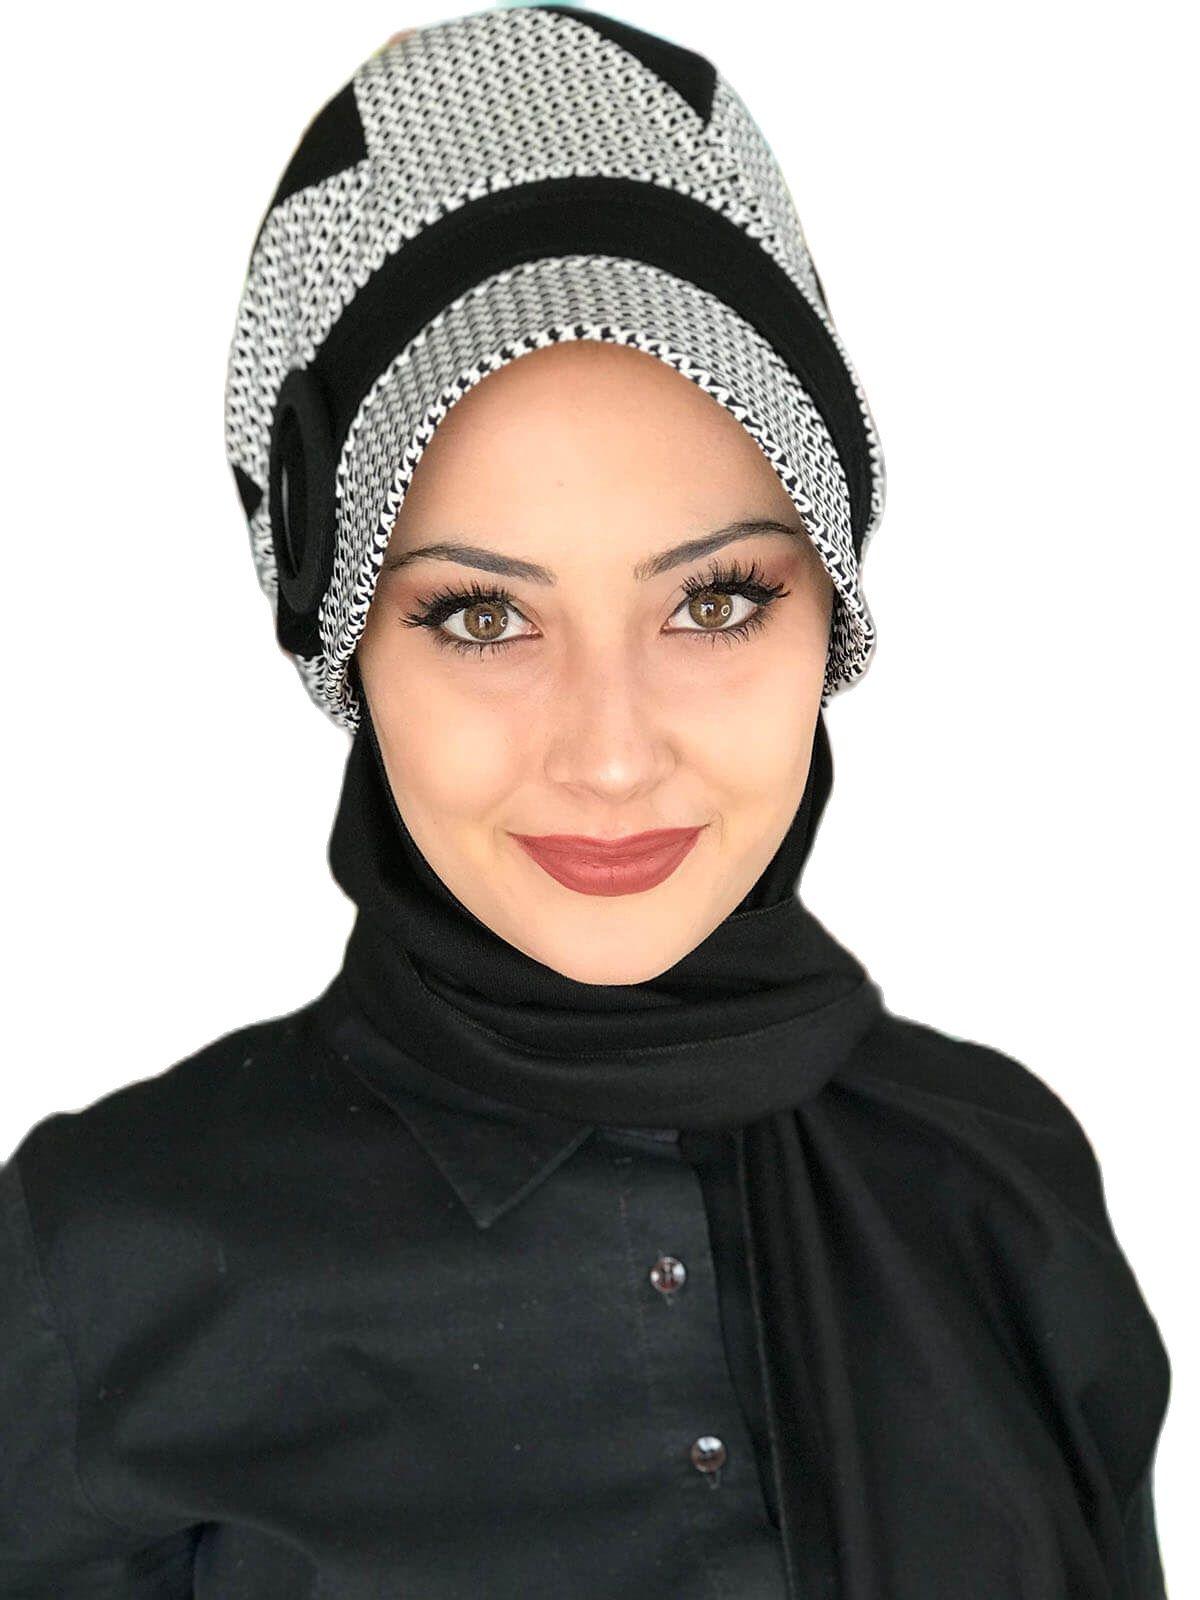 موضة جديدة 2021 الحجاب عمامة المرأة قبعة وشاح الربيع Bad-ı Saba أبيض وأسود منقوشة Passionflower مشبك قبعة سوداء